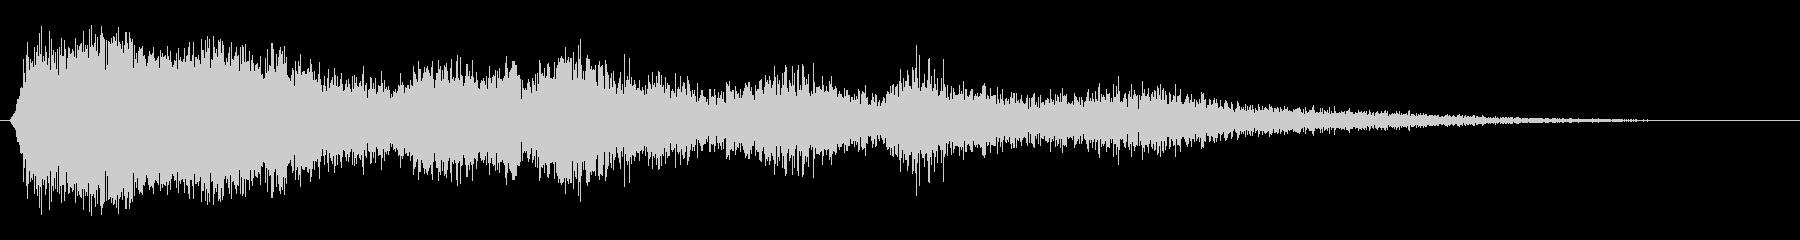 オーケストラサスペンスランダウンア...の未再生の波形